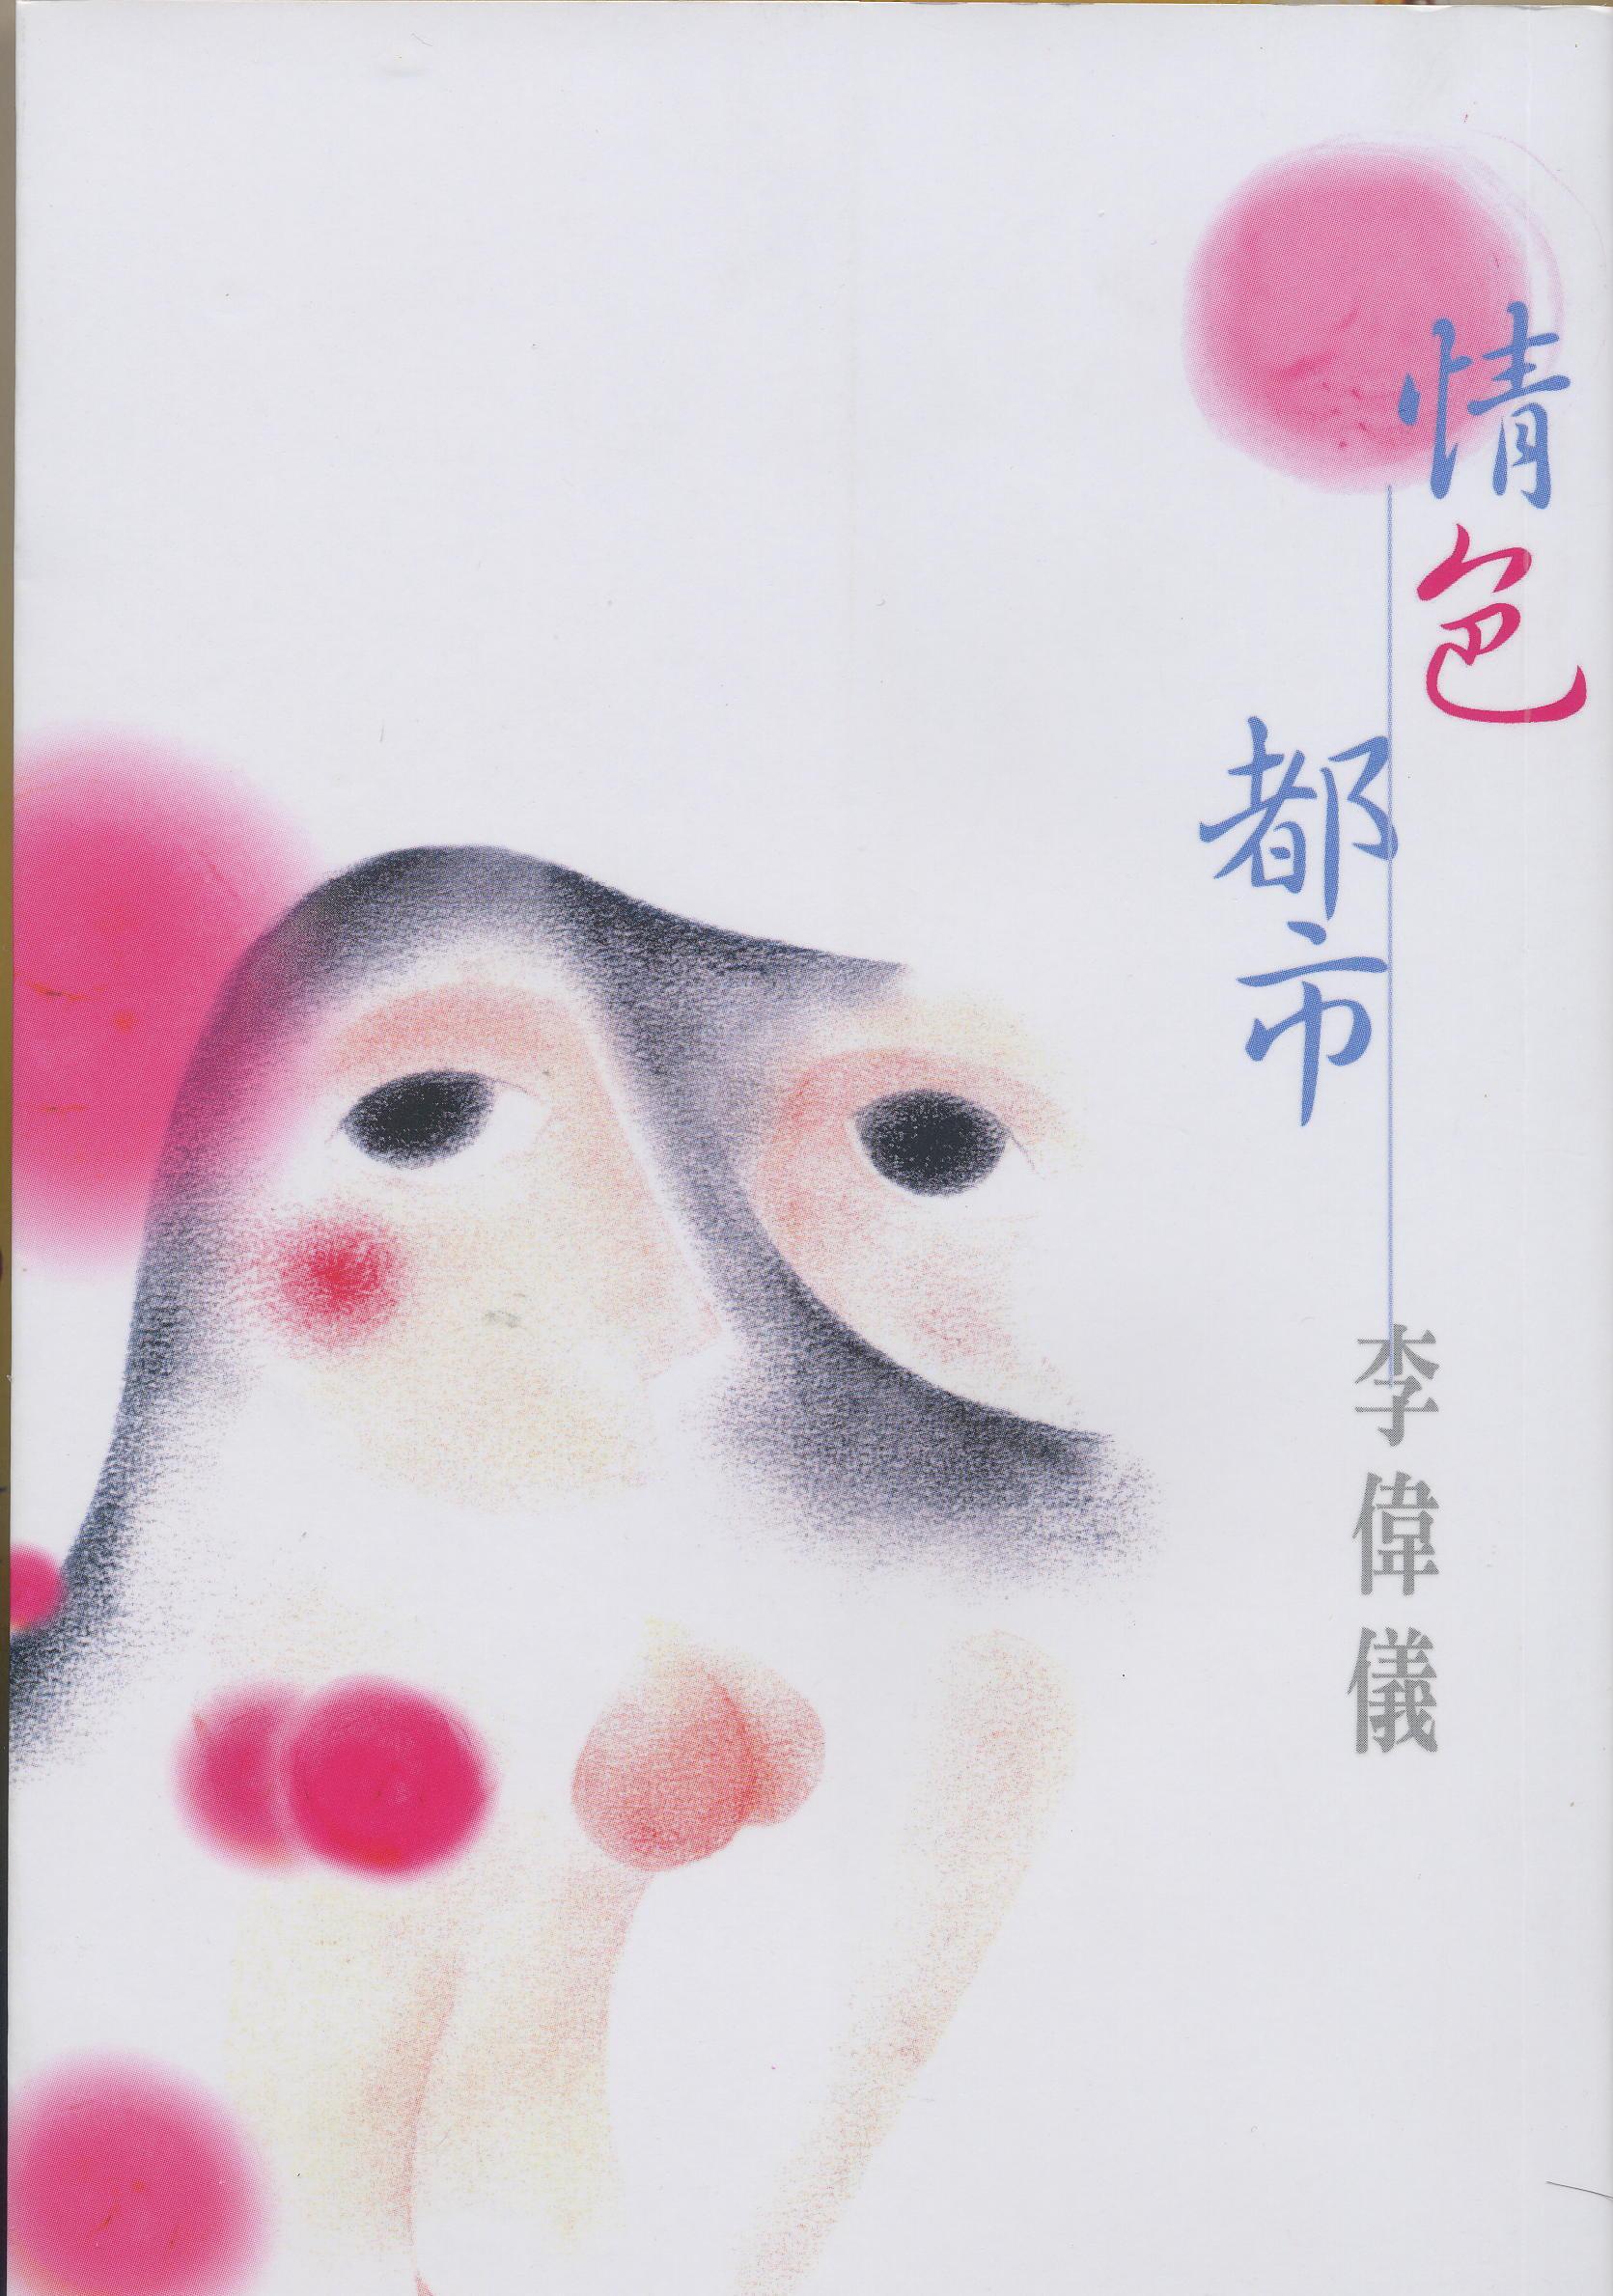 2005-09-book.JPG